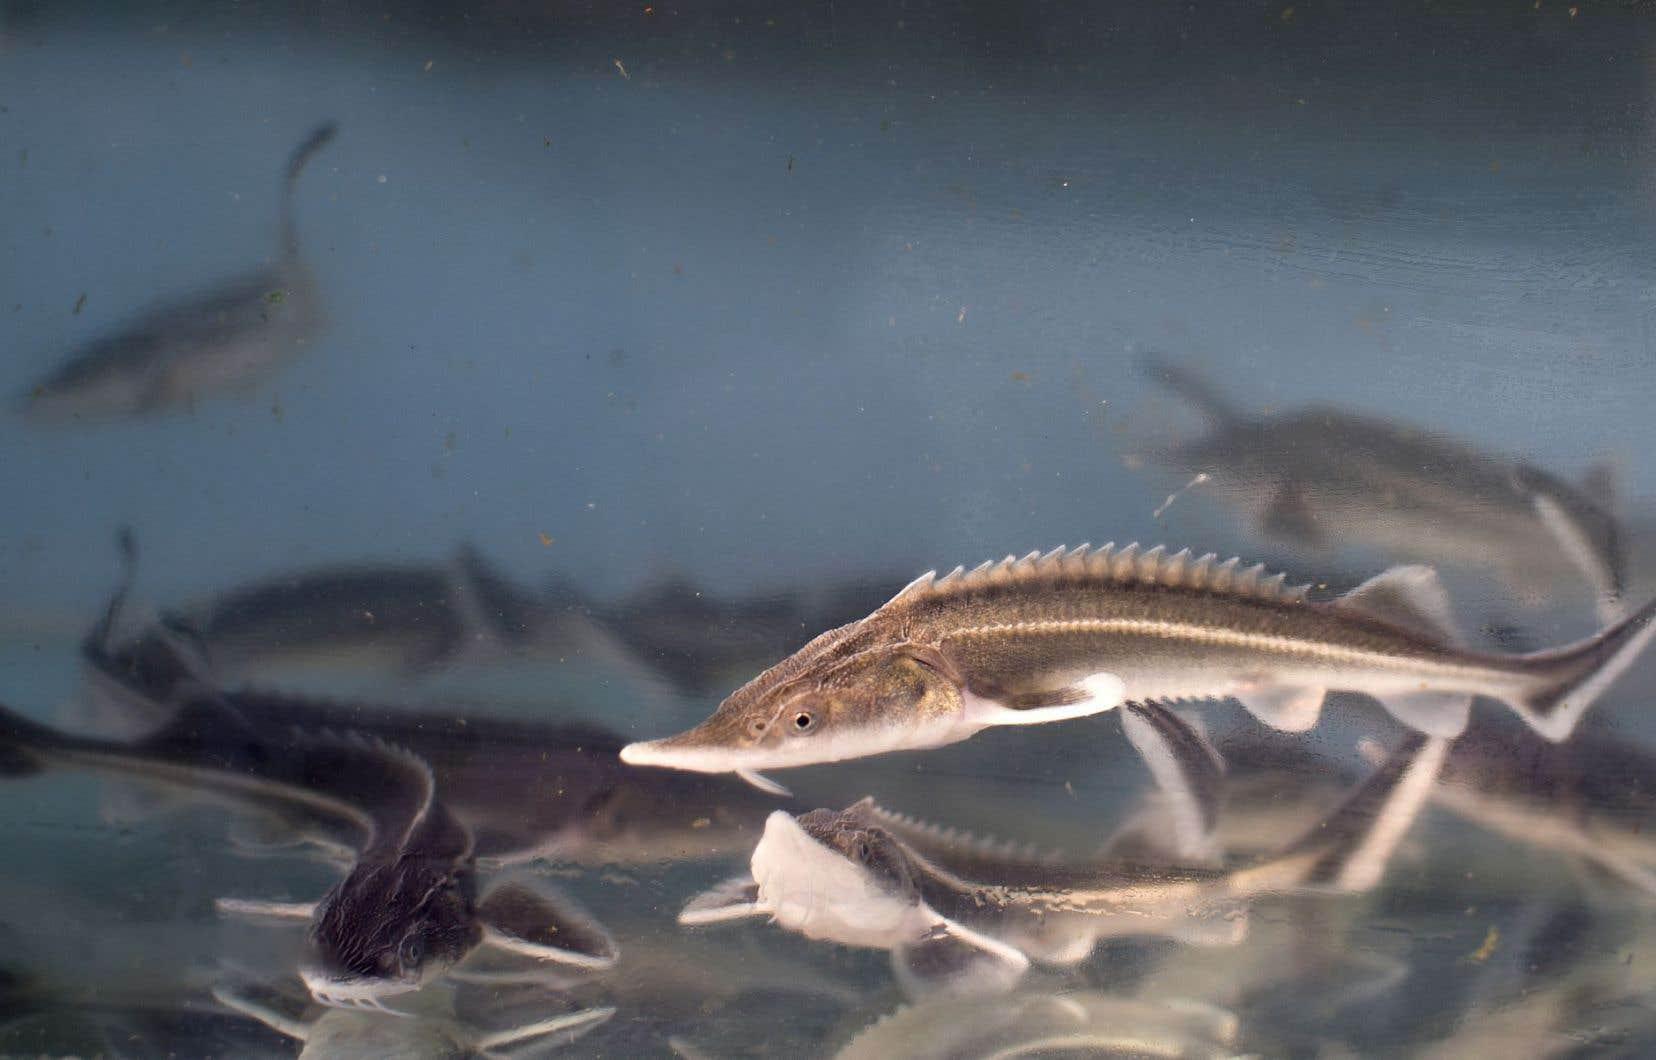 Les plantes pourraient produire des oméga-3 que seuls les poissons produisent.